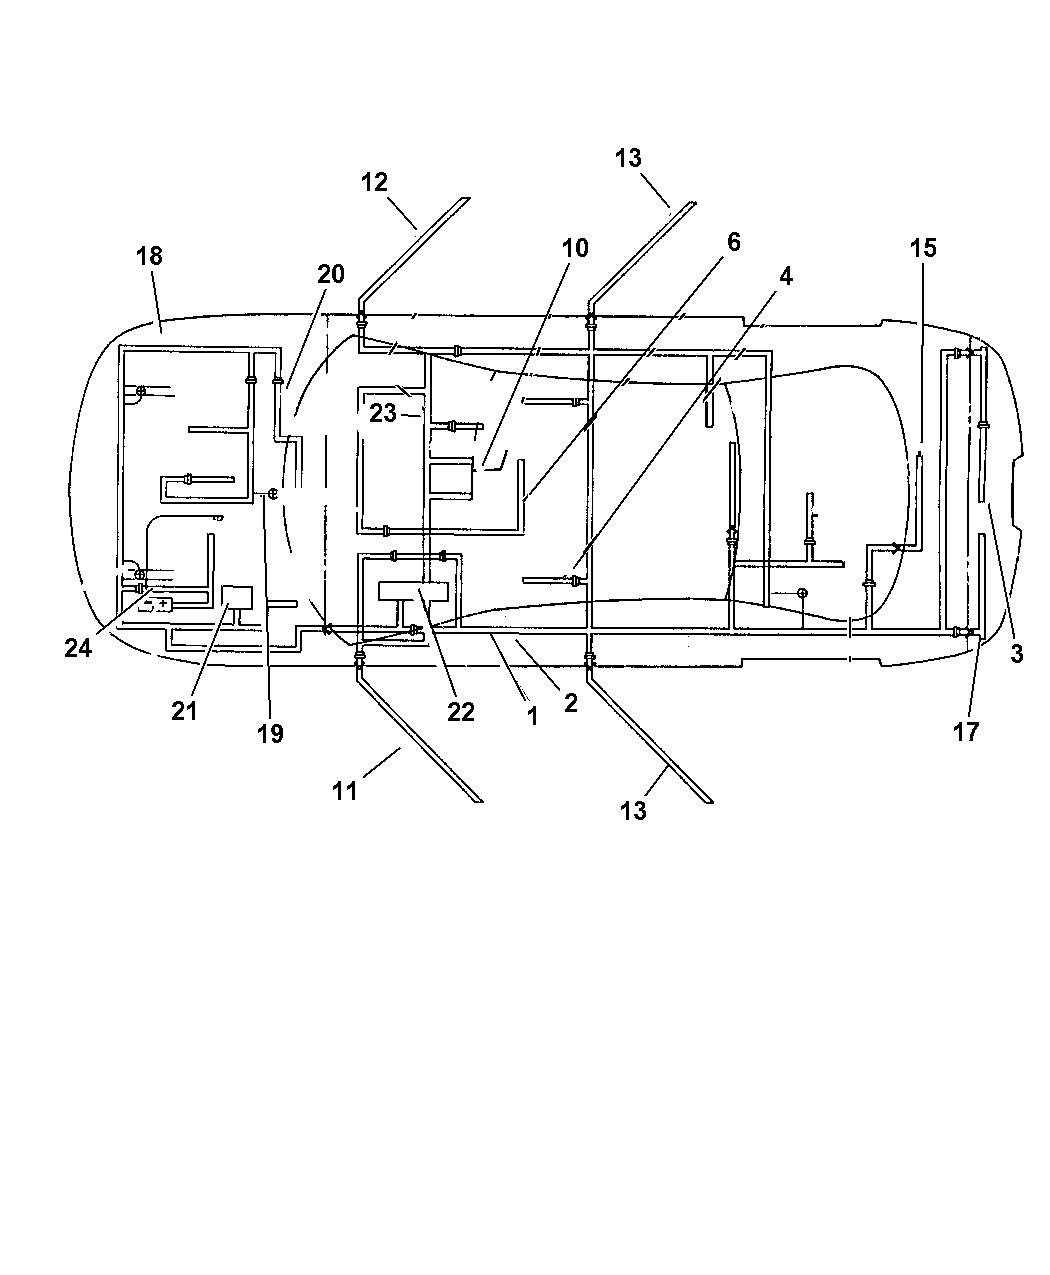 wiring diagram for 2004 dodge intrepid 4760131ah genuine mopar wiring deck lid  4760131ah genuine mopar wiring deck lid